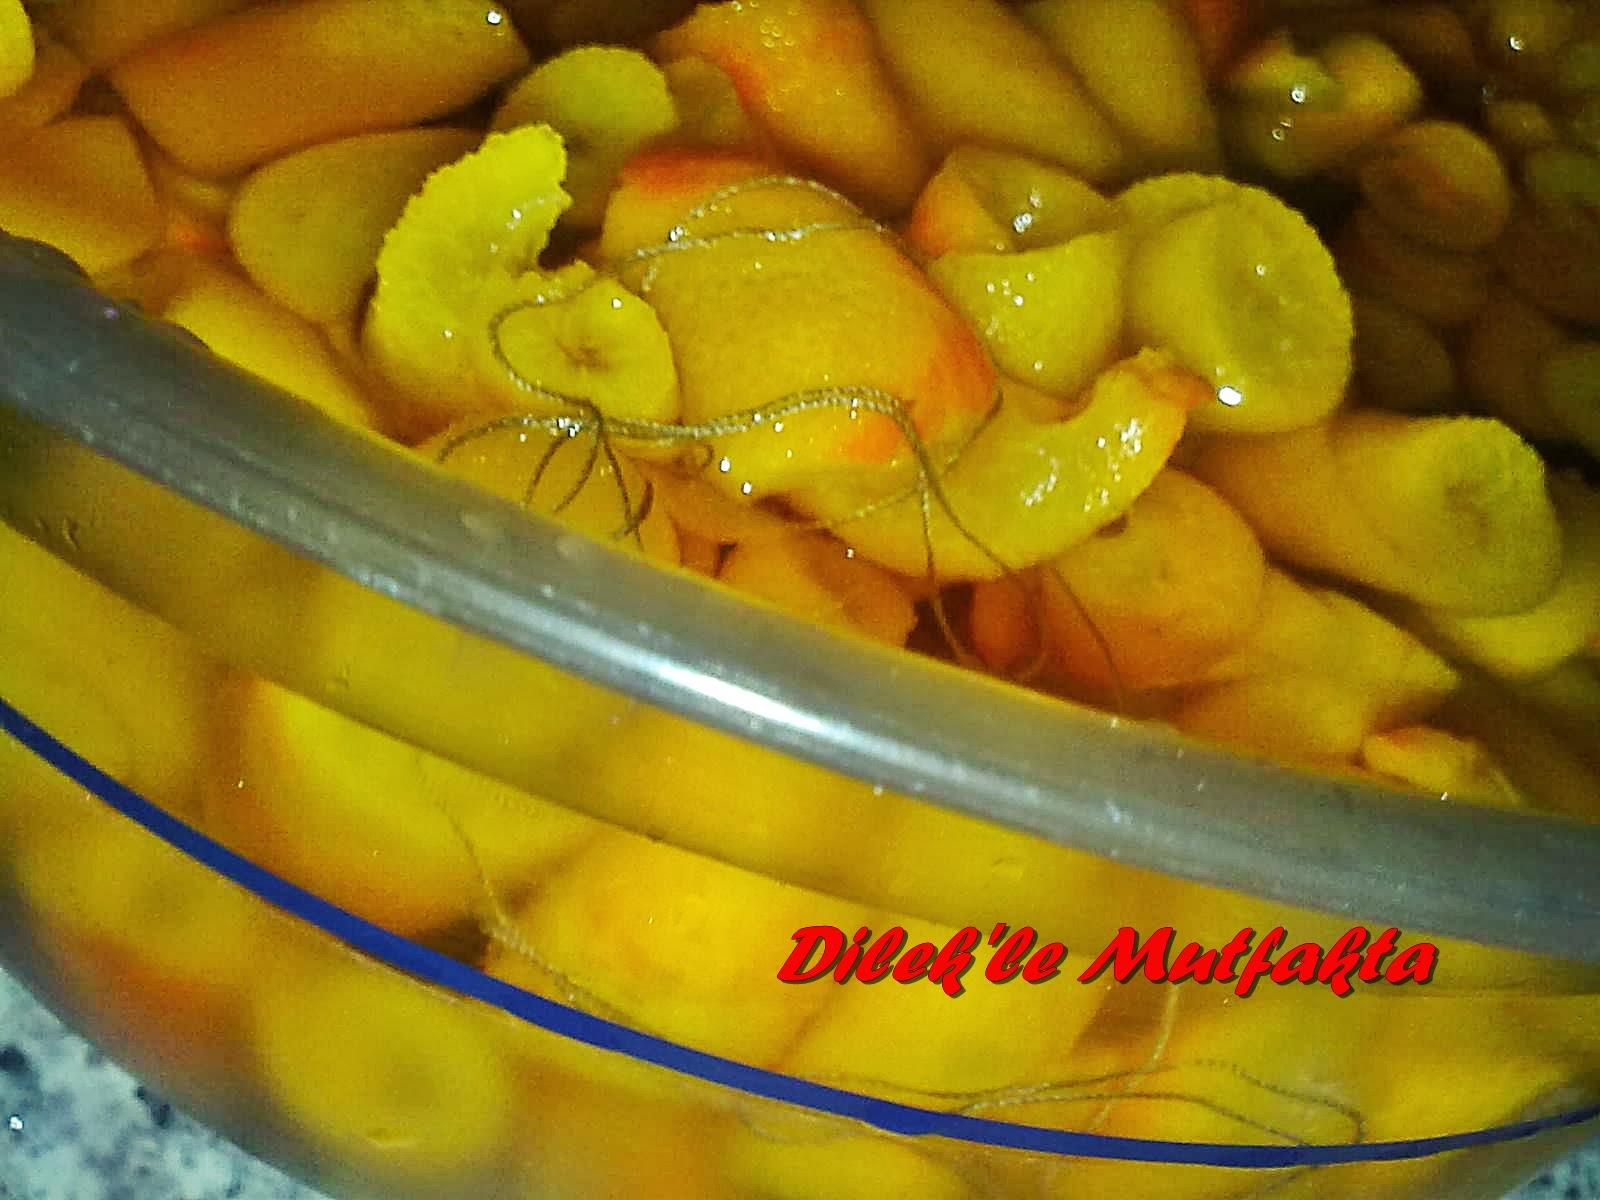 Portakaldan reçel: tatlılar sevenler için